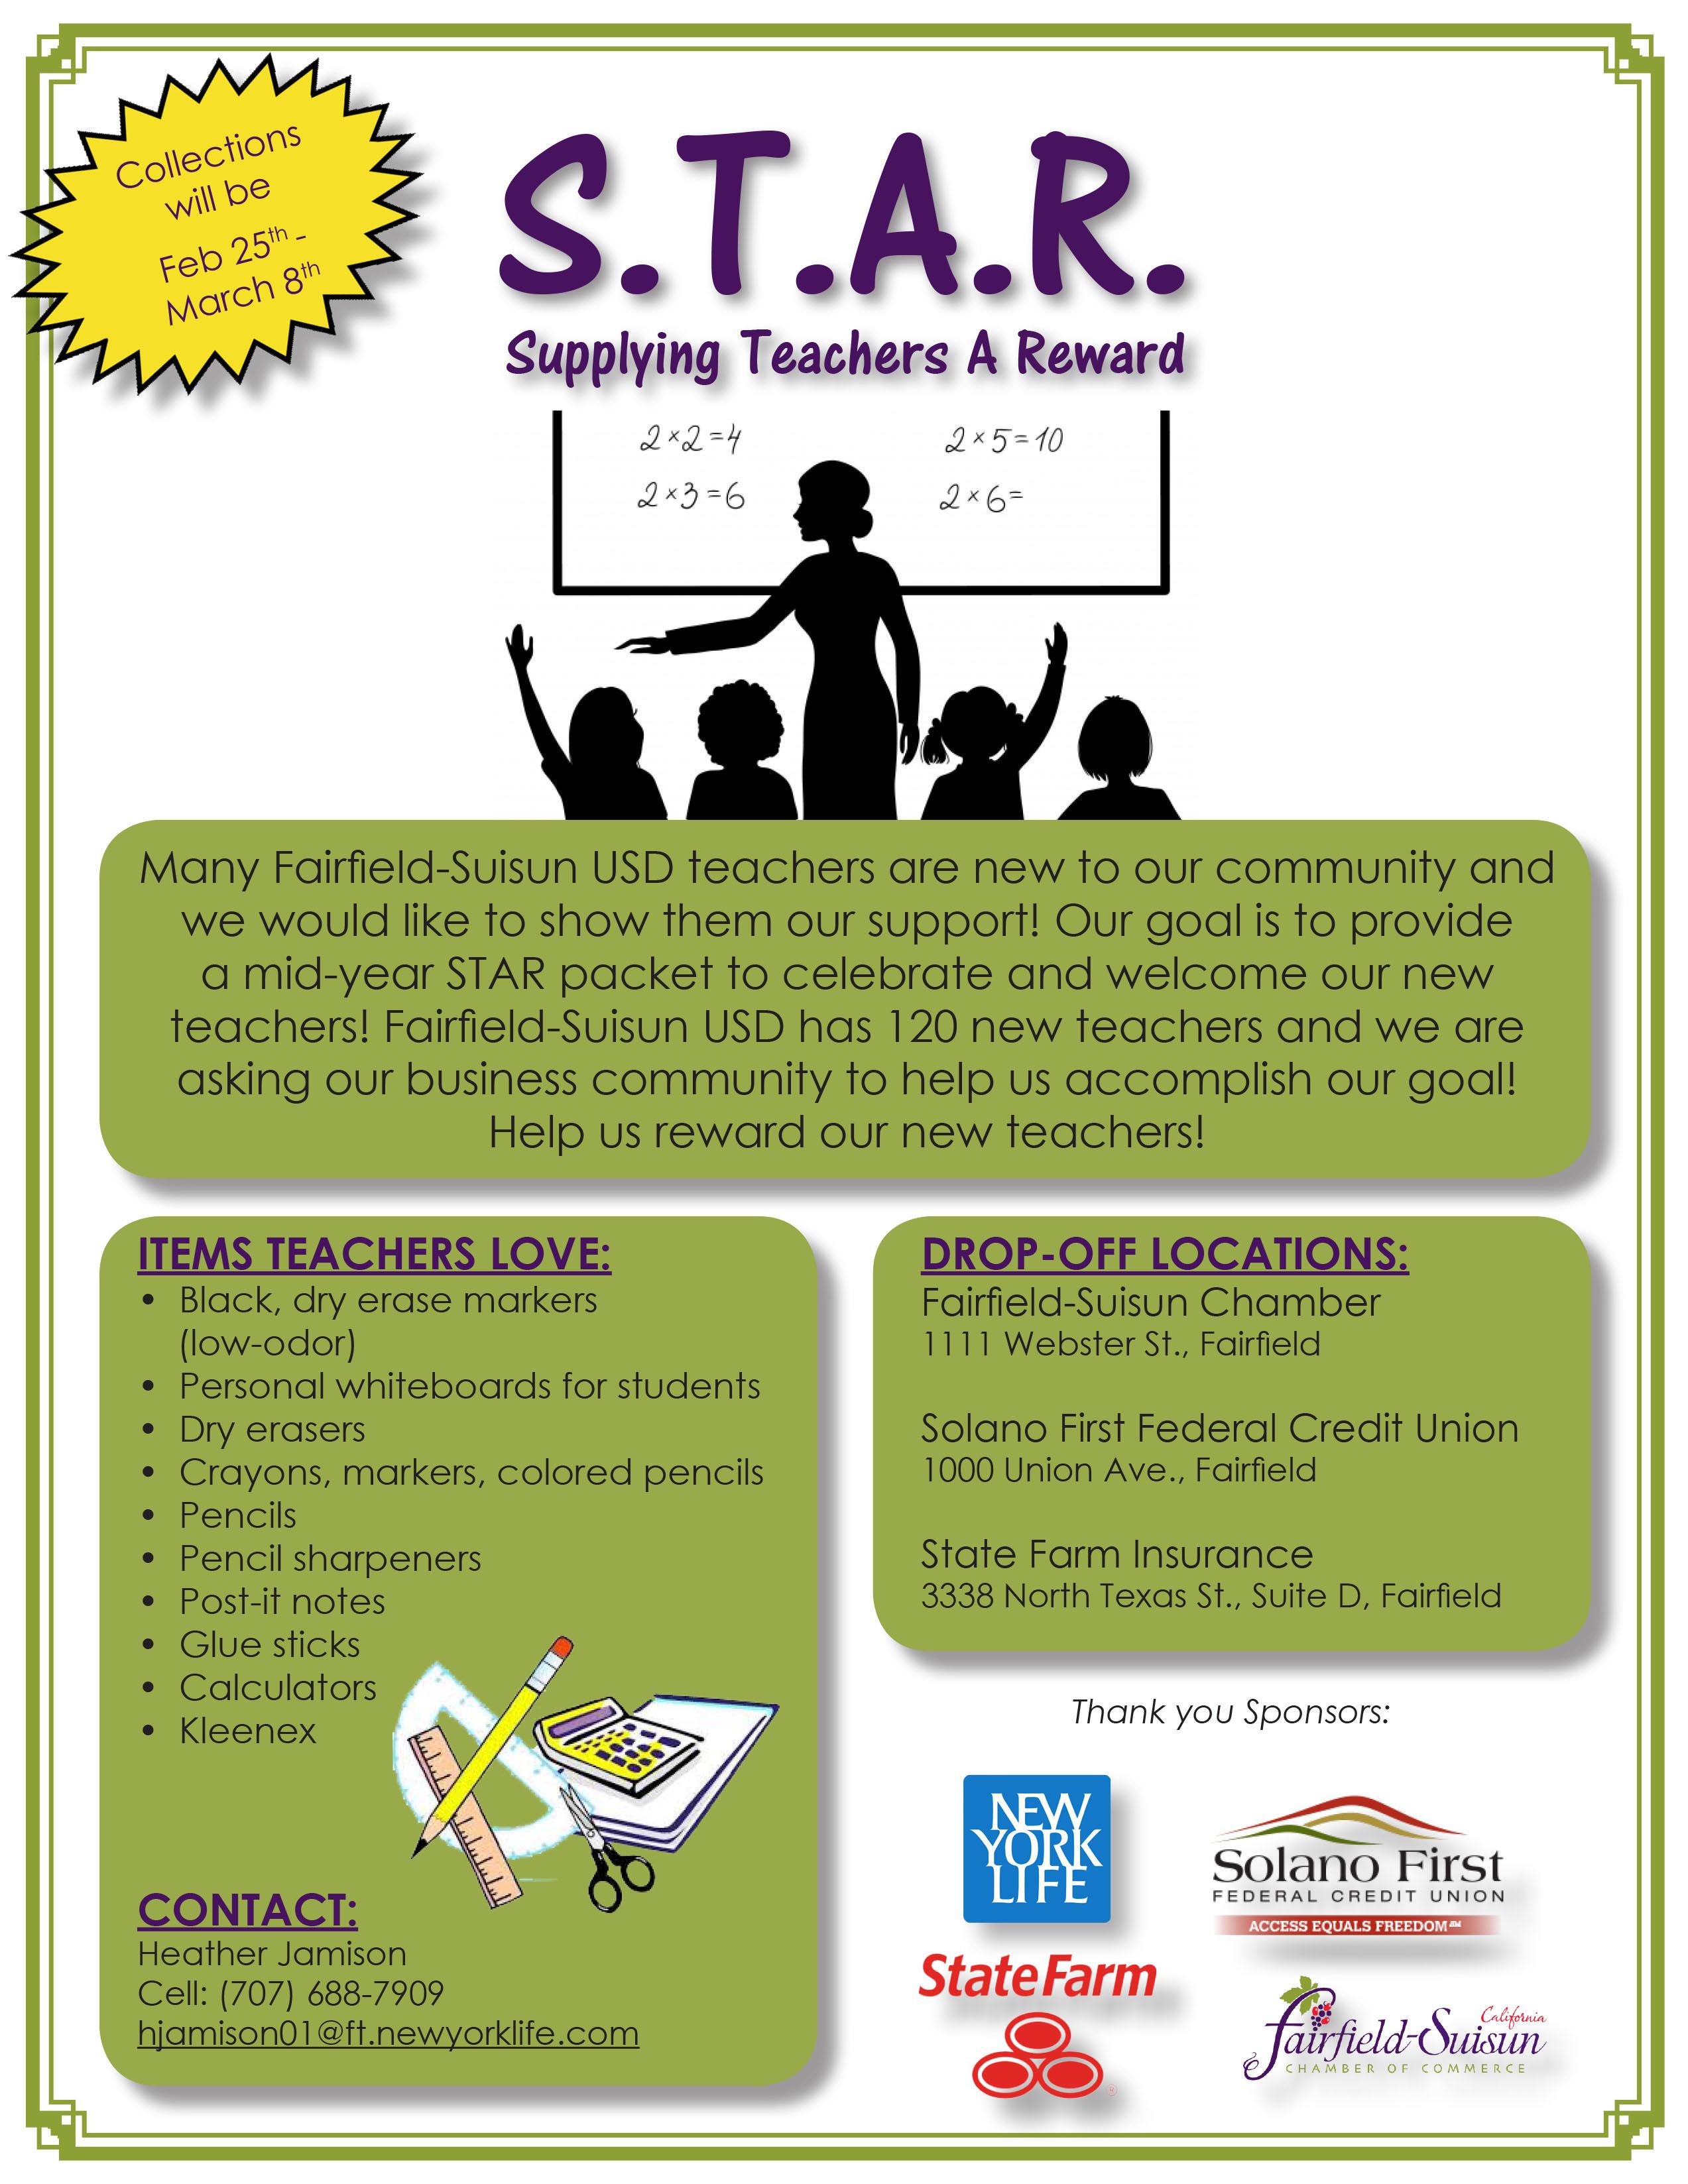 supplying-teachers-a-reward-2019